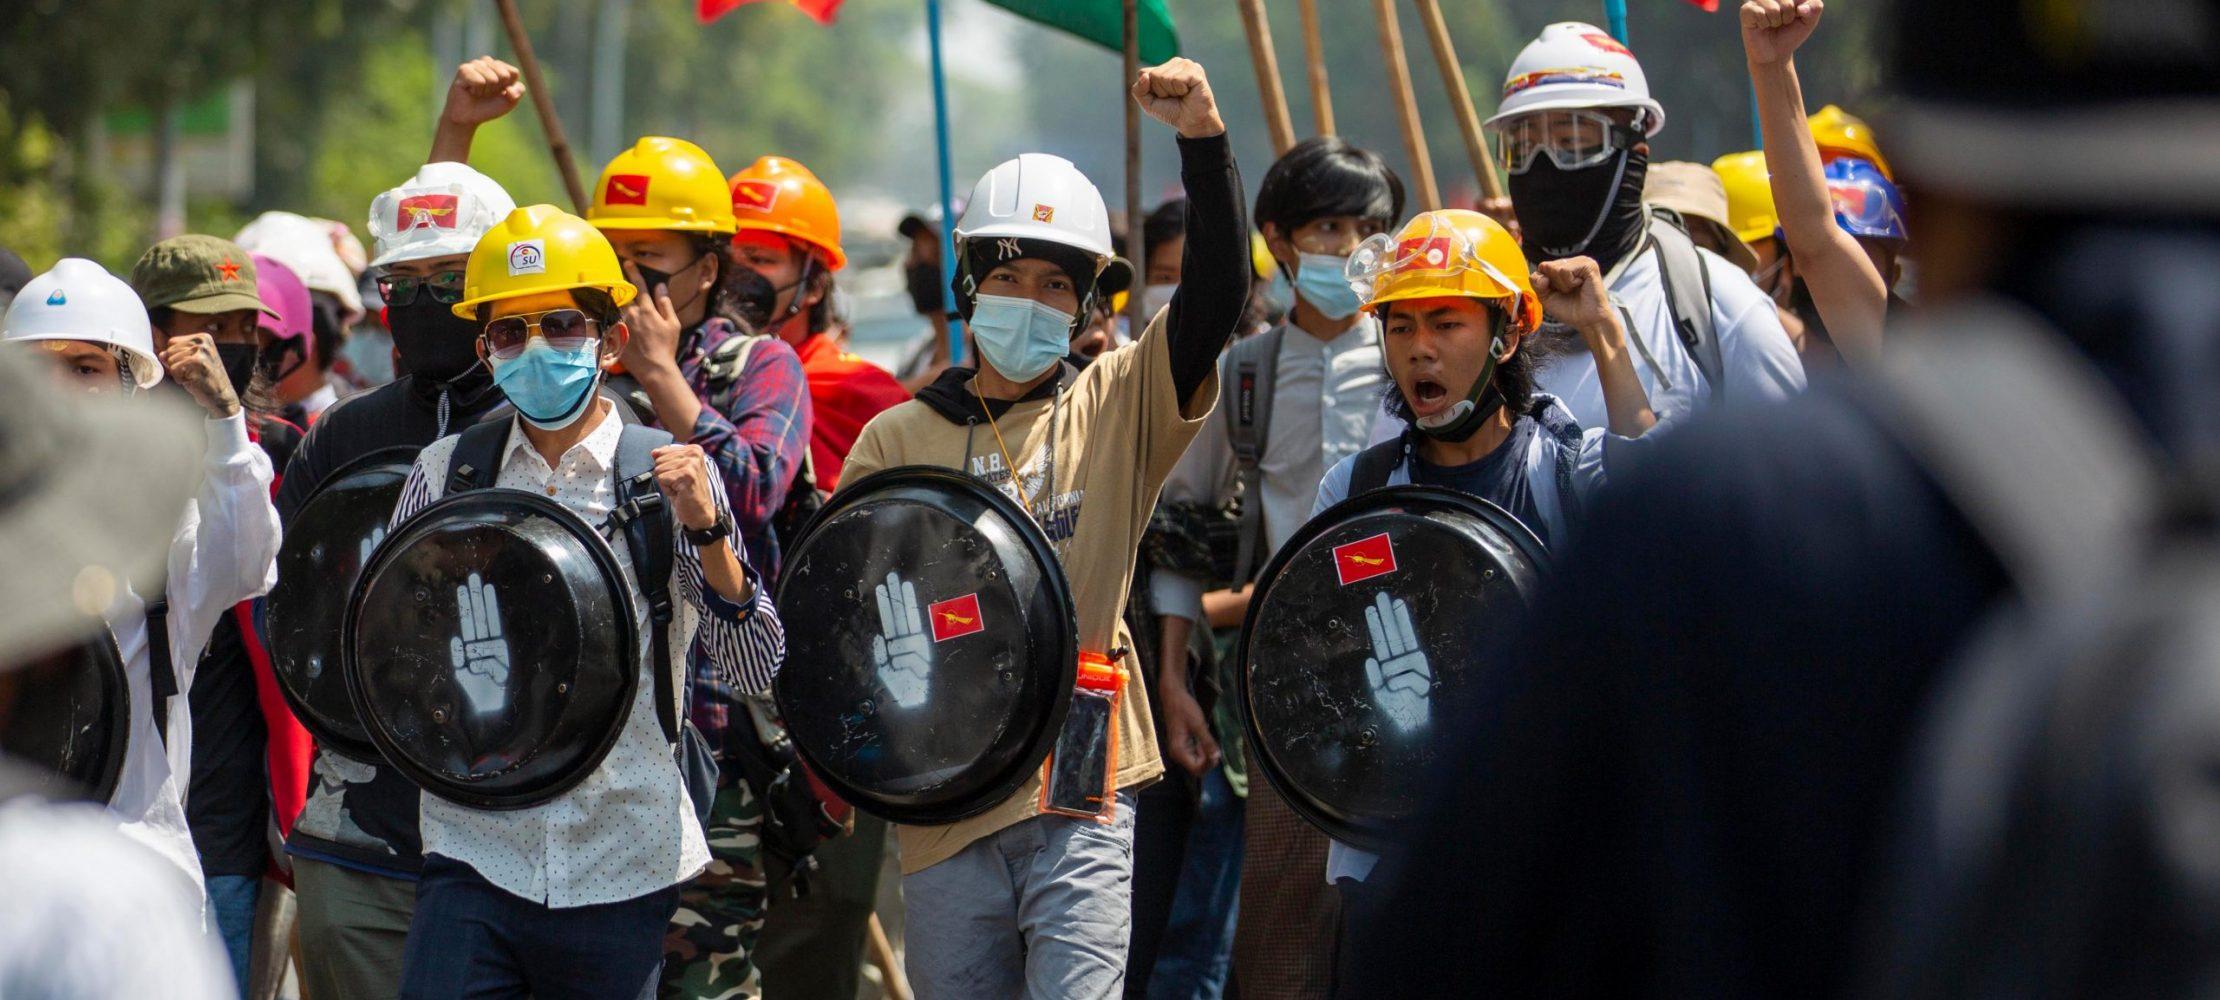 اعتراض مردم سالاری